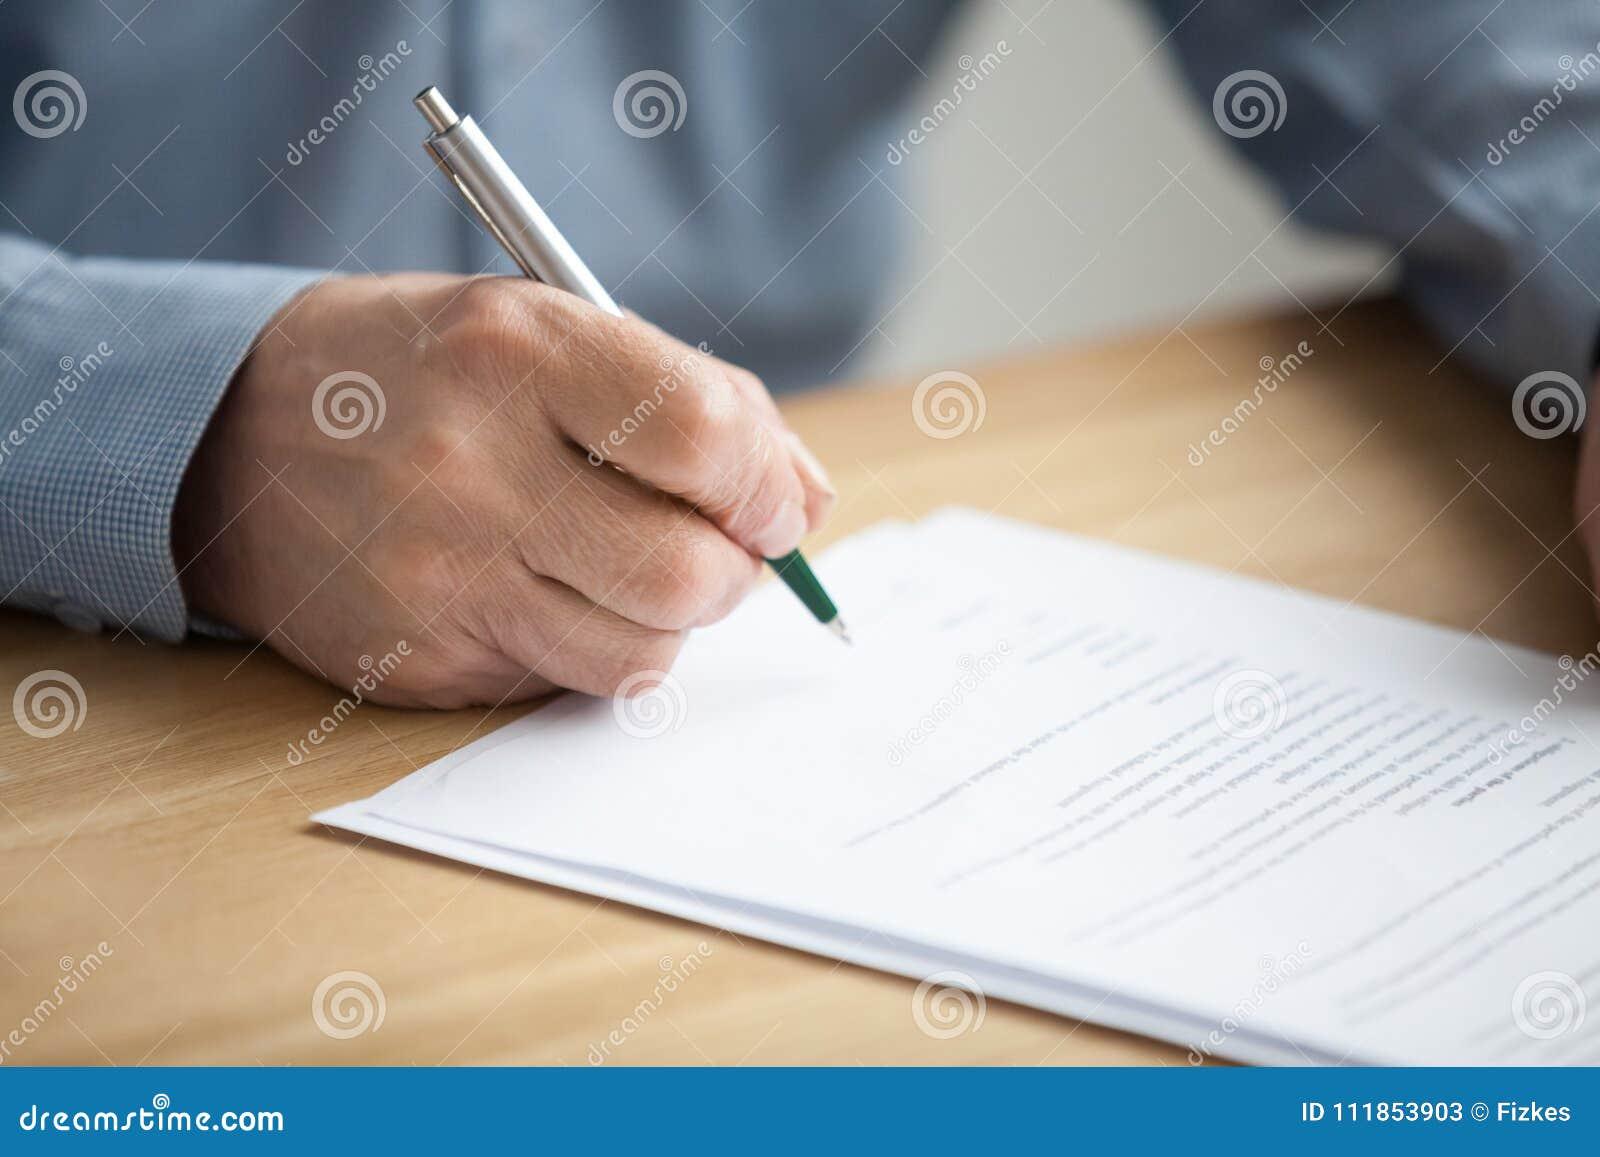 Documento di firma della mano maschio, uomo senior che mette firma sul pape